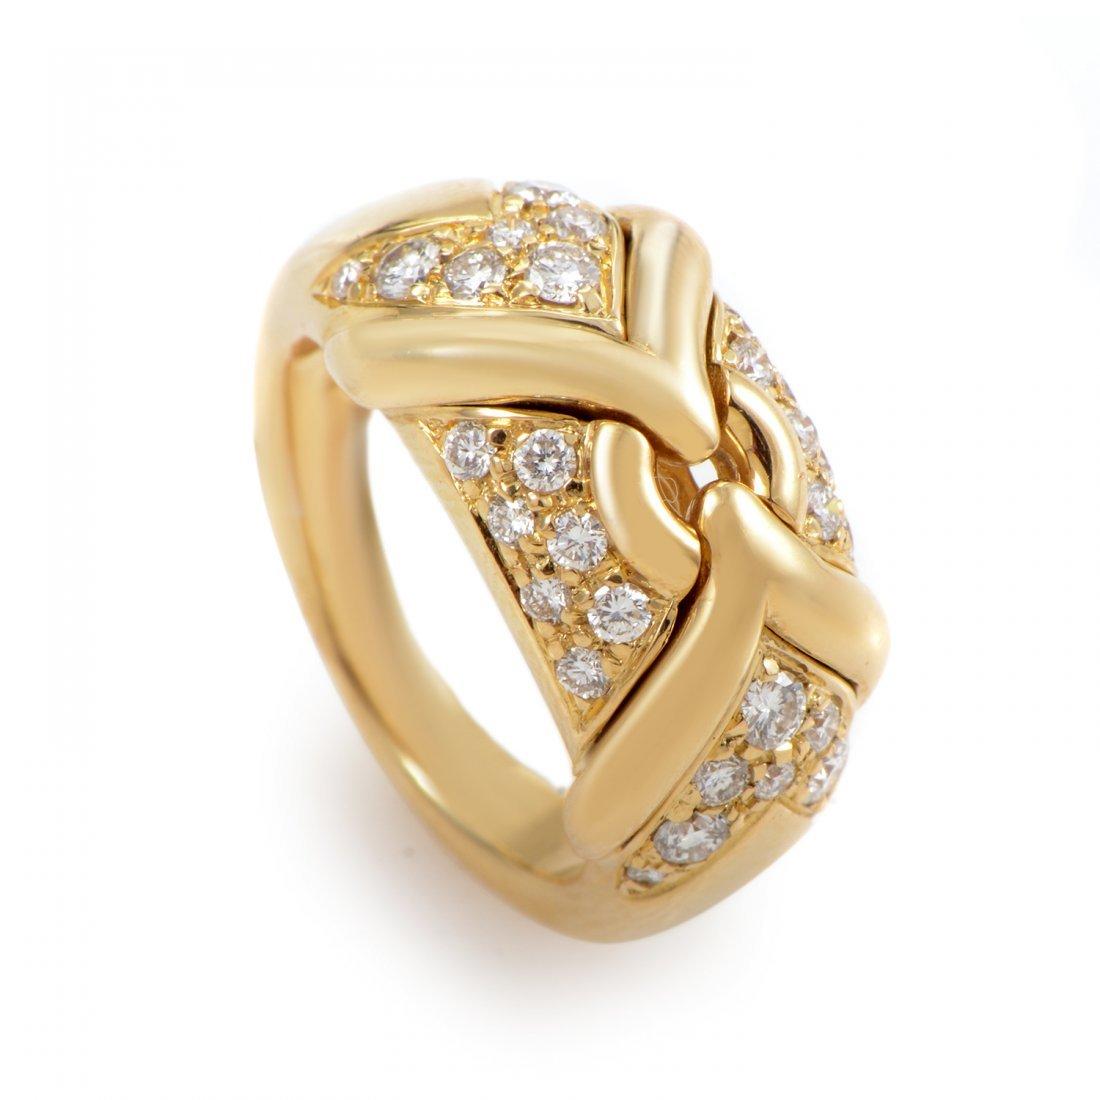 Bvlgari: Bvlgari 18K Yellow Gold Diamond Ring